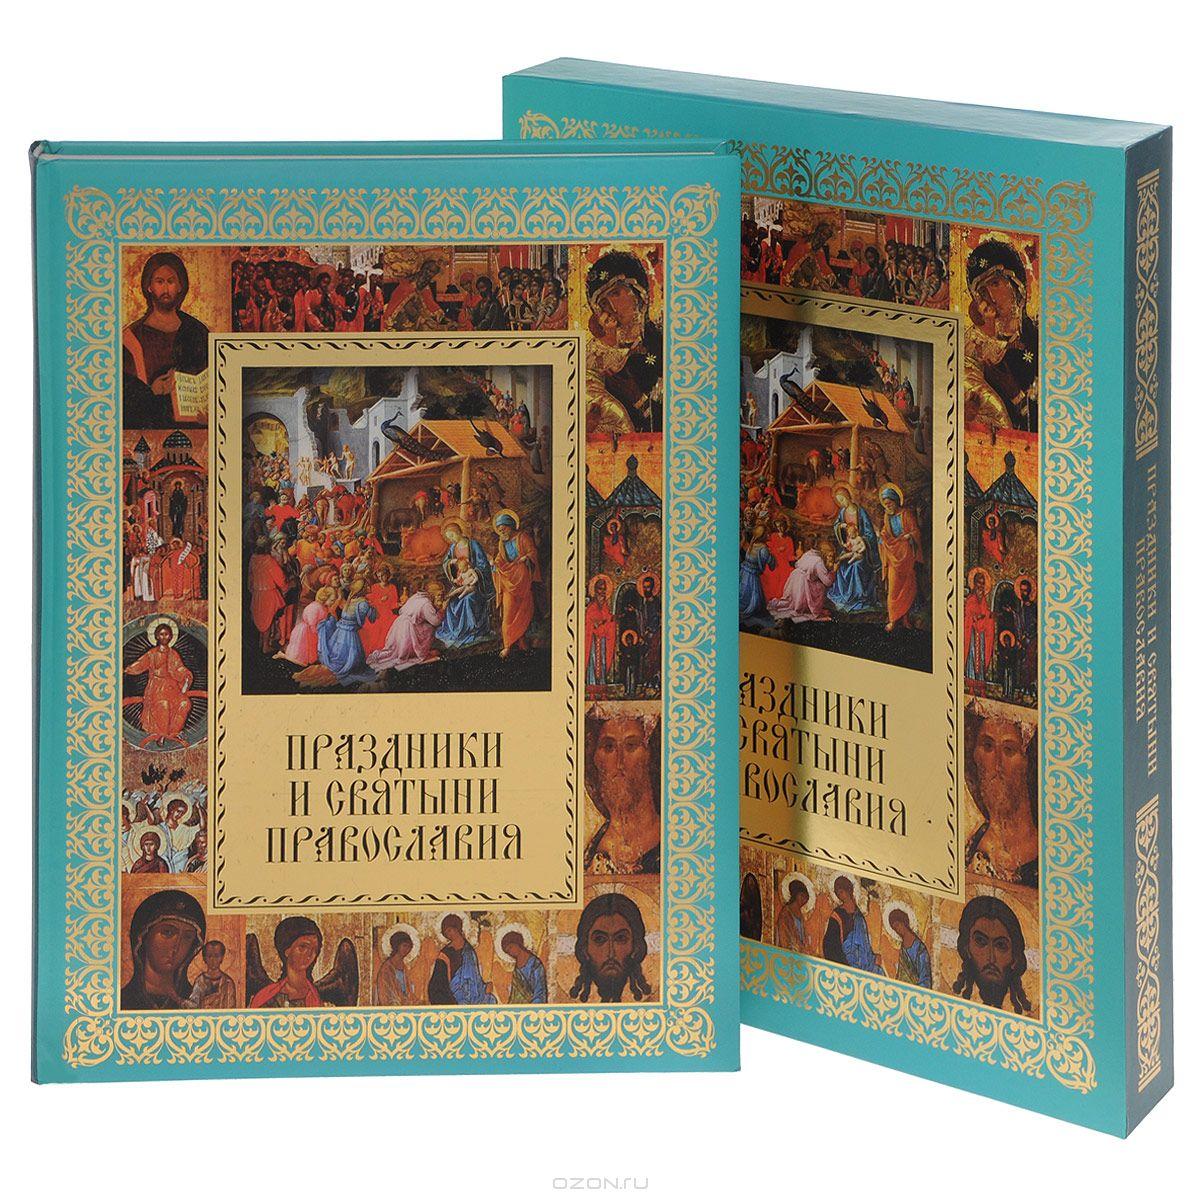 Праздники и святыни православия (подарочное издание)